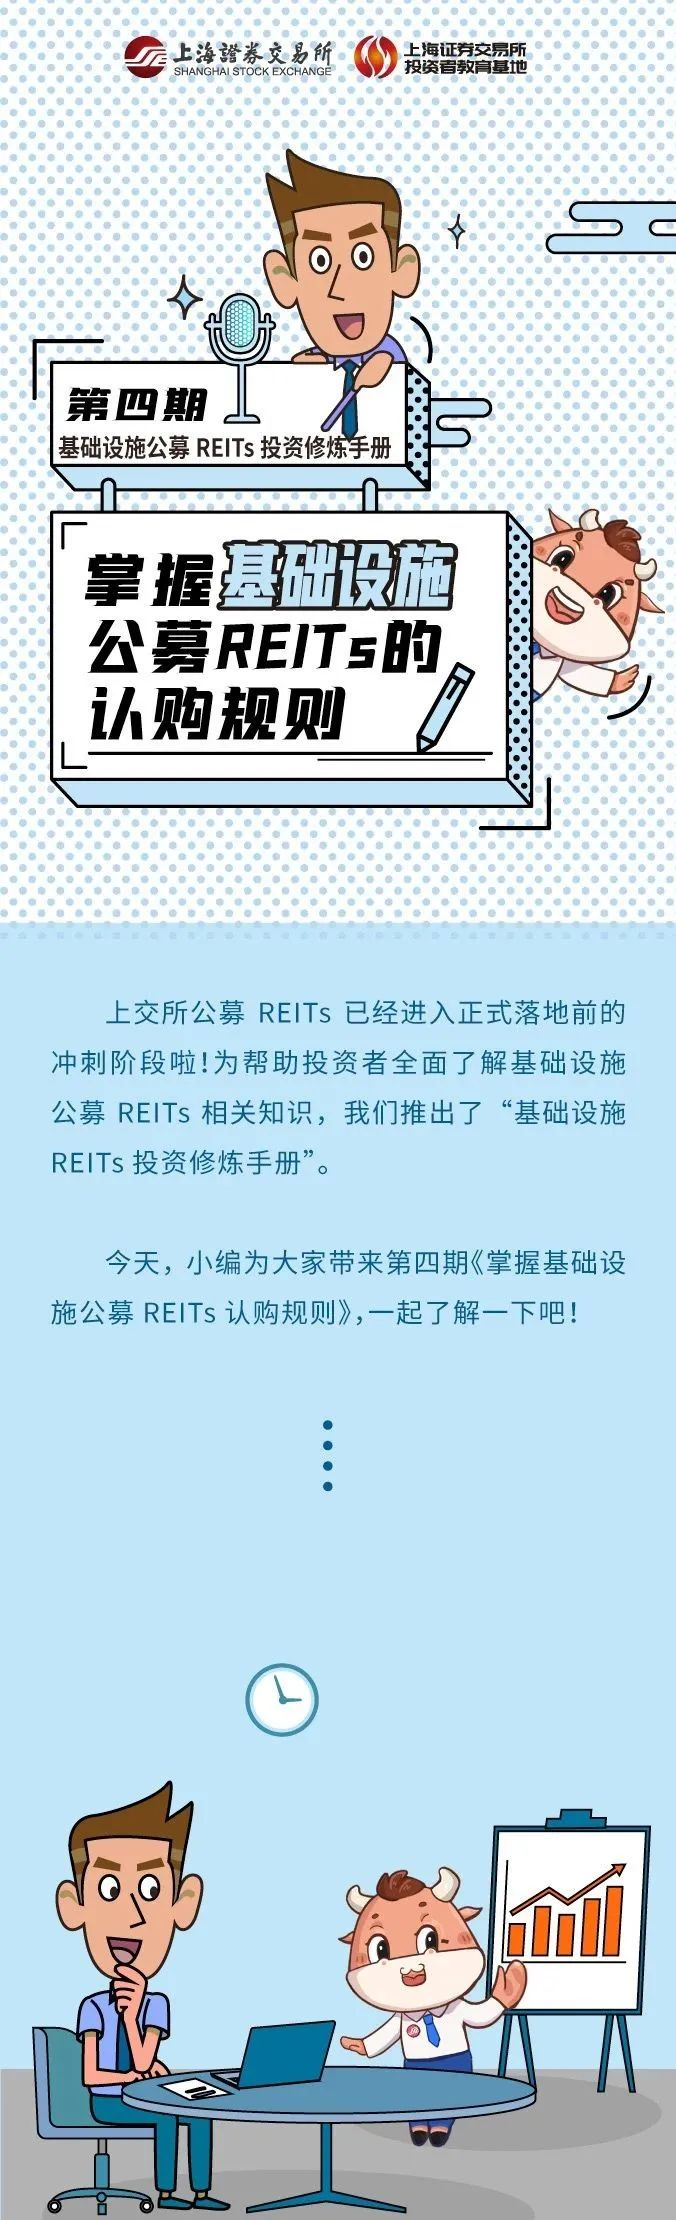 上交所投教 | 投资修炼手册:掌握基础设施公募REITs的认购规则